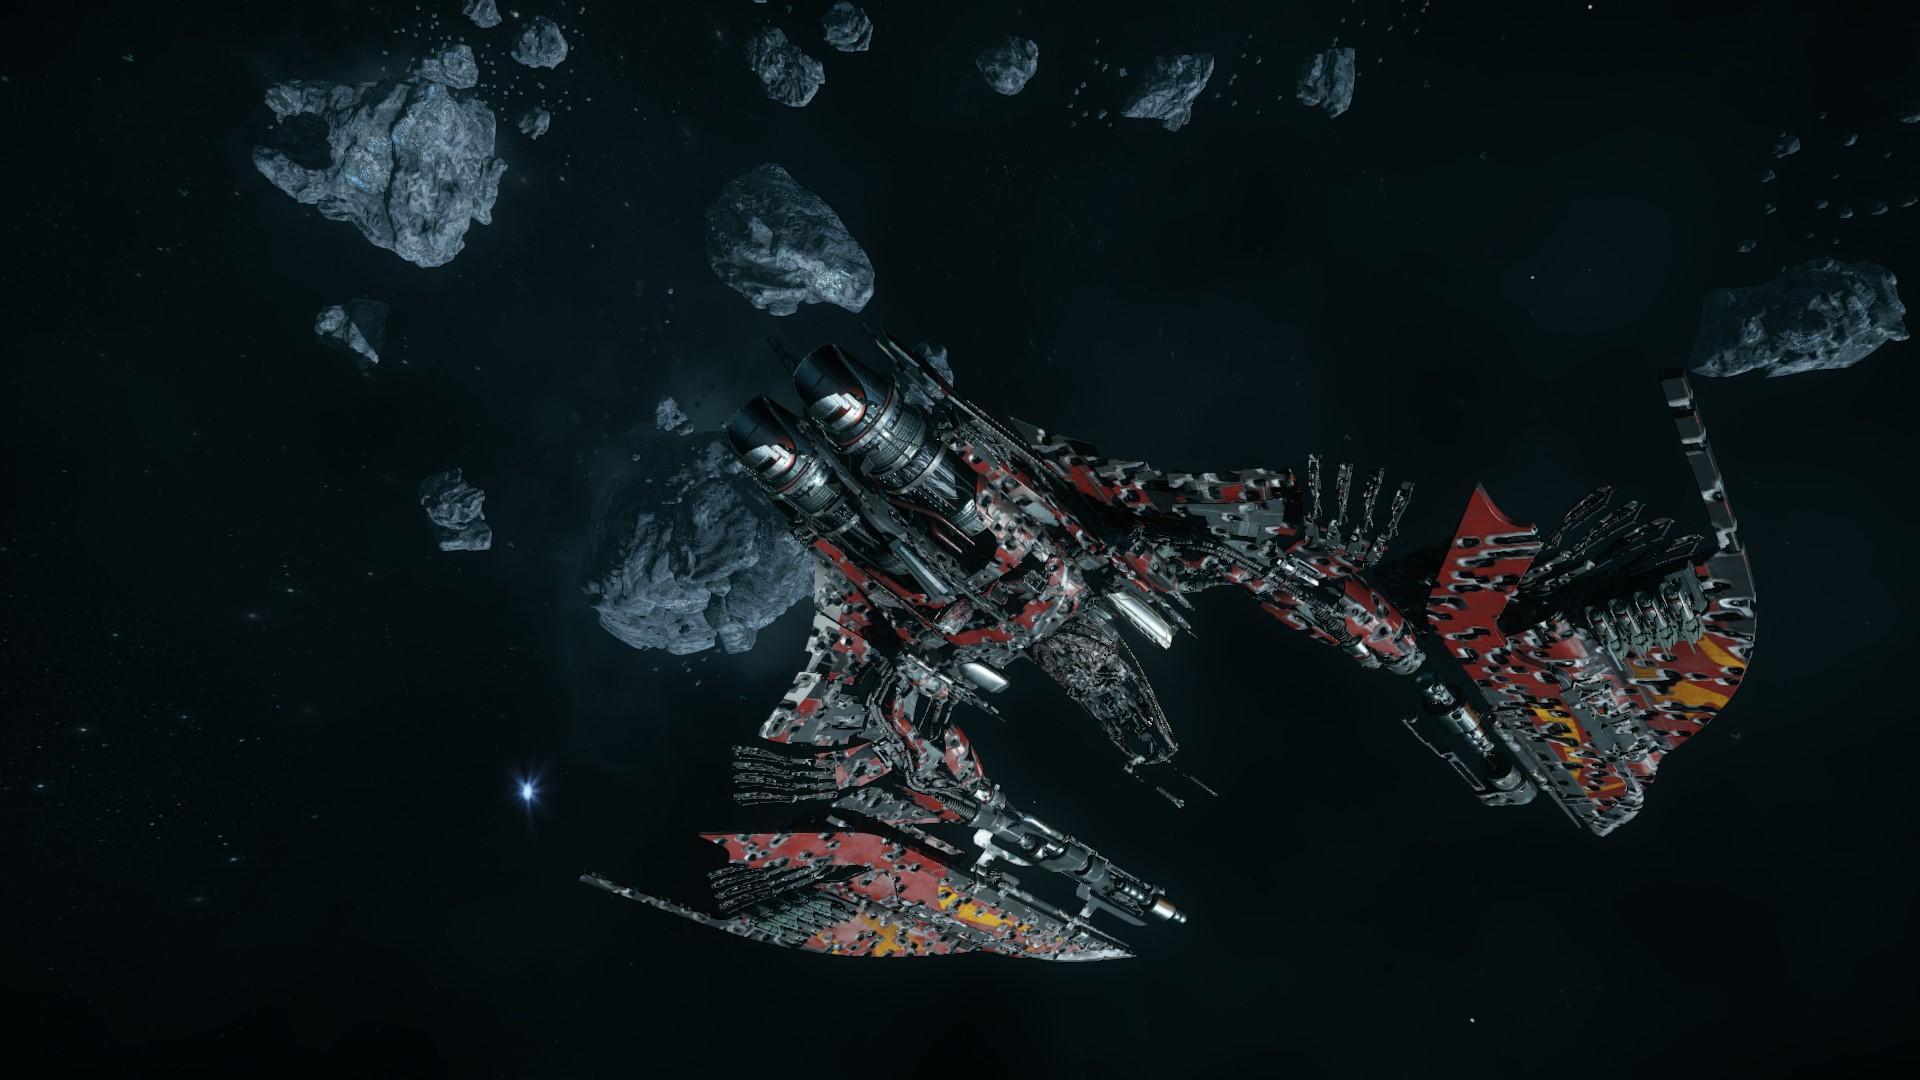 Bliskie spotkanie trzeciego stopnia z asteroidą?